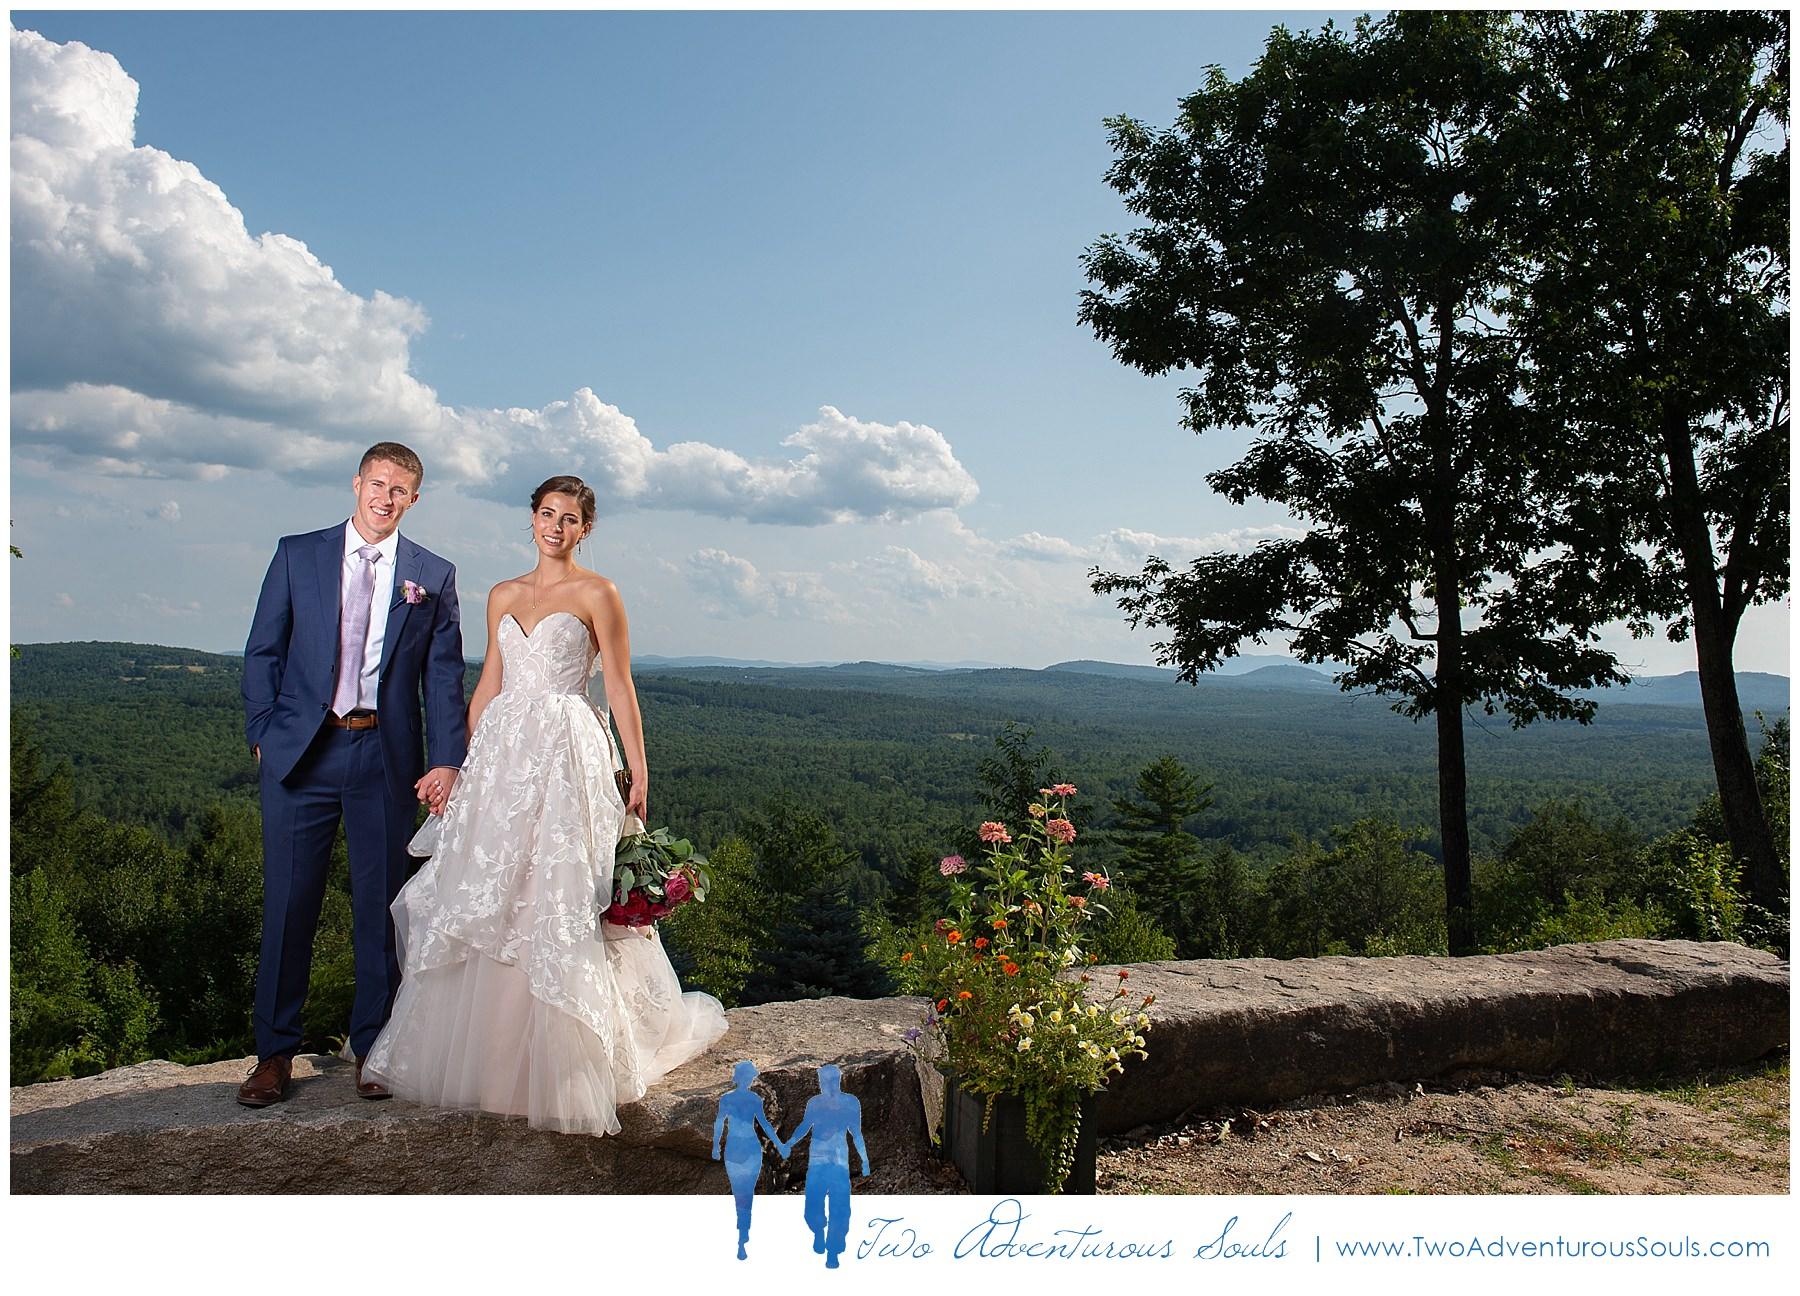 Maine Wedding Photographers, Granite Ridge Estate Wedding Photographers, Two Adventurous Souls - 080319_0051.jpg